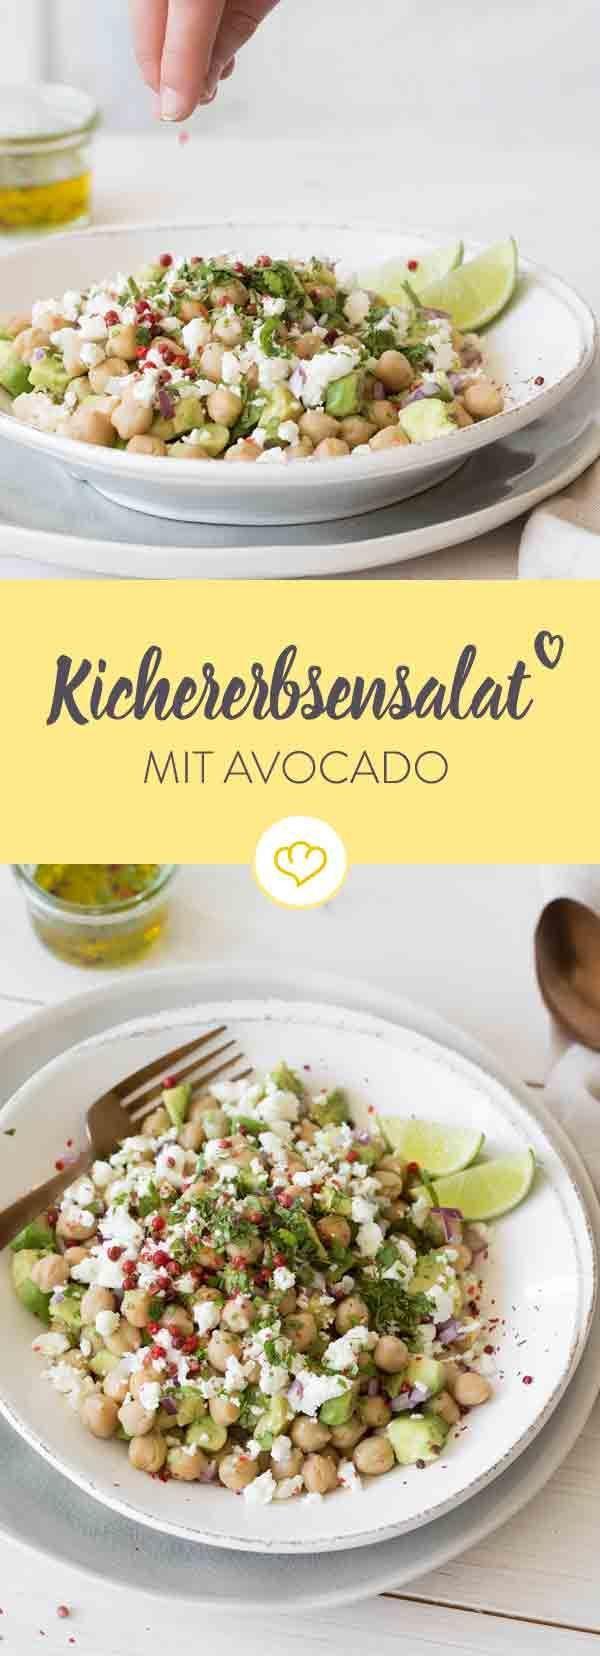 Kichererbsen peppen jedes Gericht auf! Kombiniert mit Avocado und Feta sind sie in diesem schnell gemachten Salat einfach unfassbar lecker.